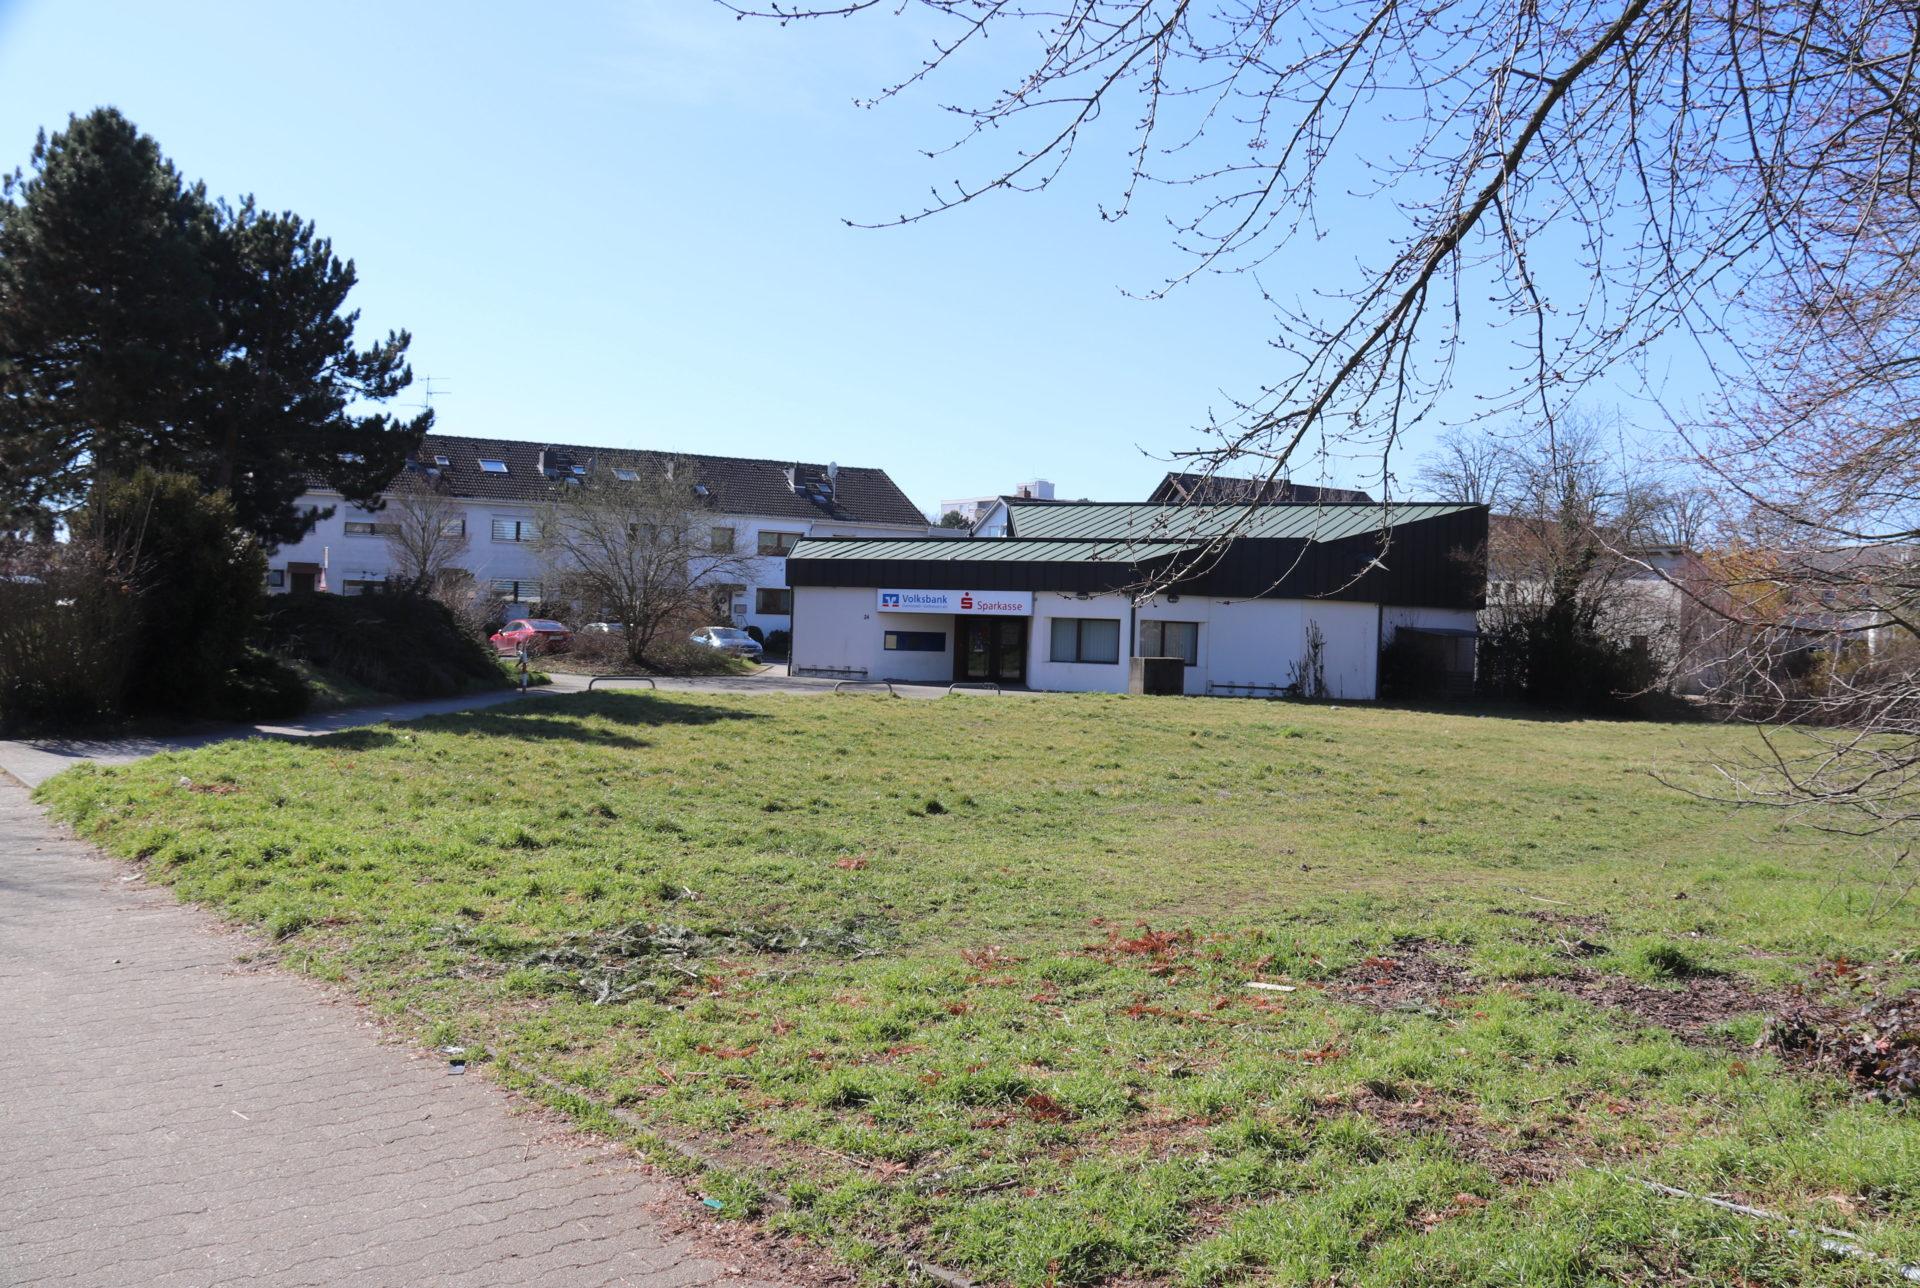 Teil des für ein Einkaufszentrum in Wixhausen vorgesehenes Areal, von der Schönbergstraße hergesehen. Im Hintergrund das von der Sparkasse mitgenutzte Volksbankgebäude.